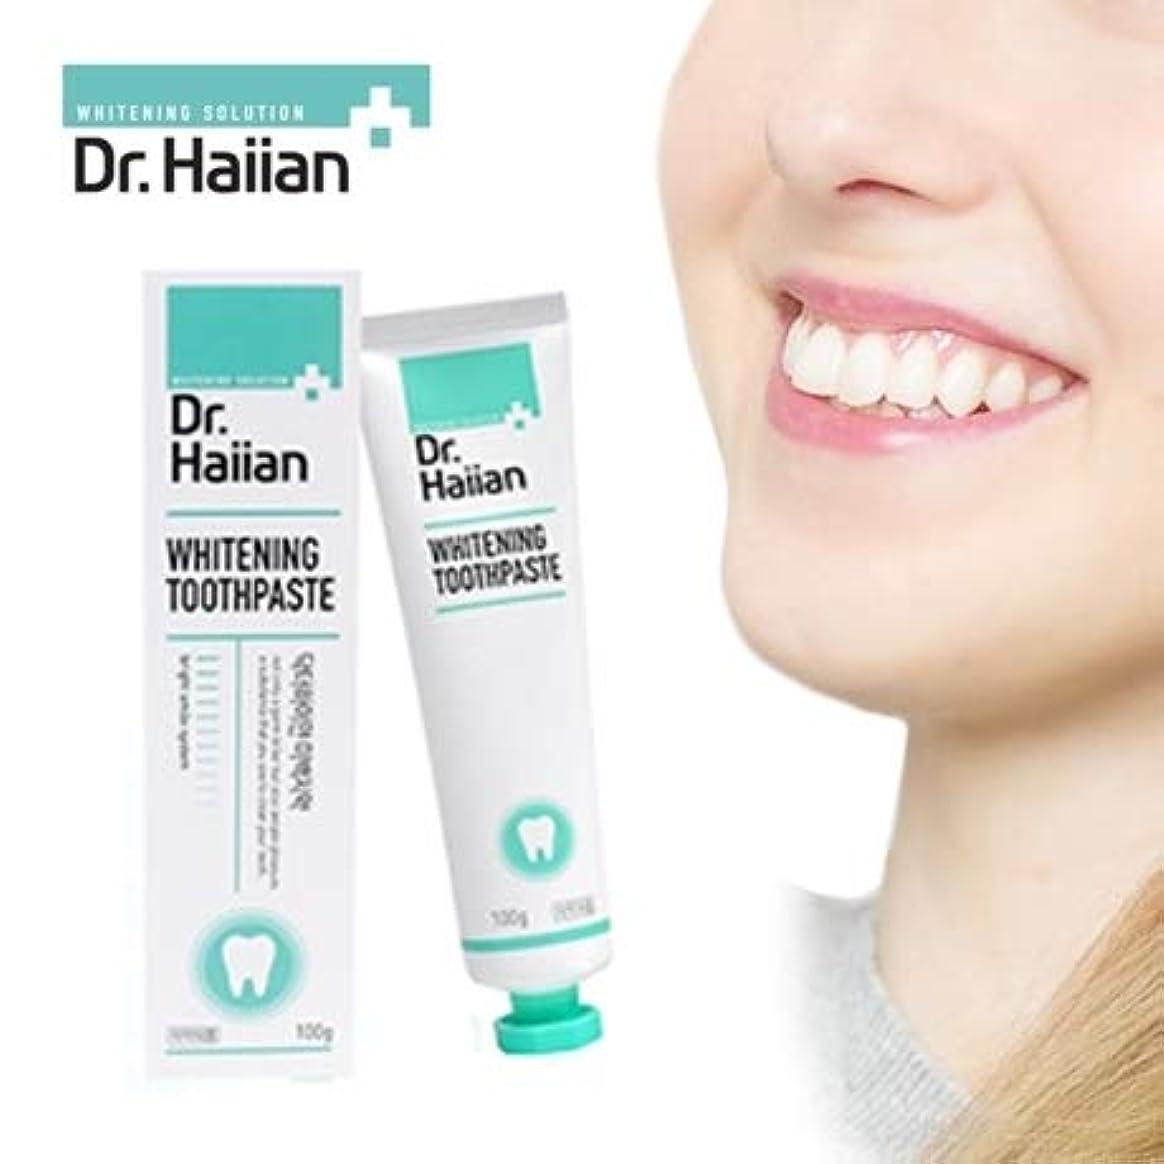 海上自分の力ですべてをする抵抗力があるDr.Haiian WHITENING TOOTHPASTE ホワイトニング歯磨き粉 100g